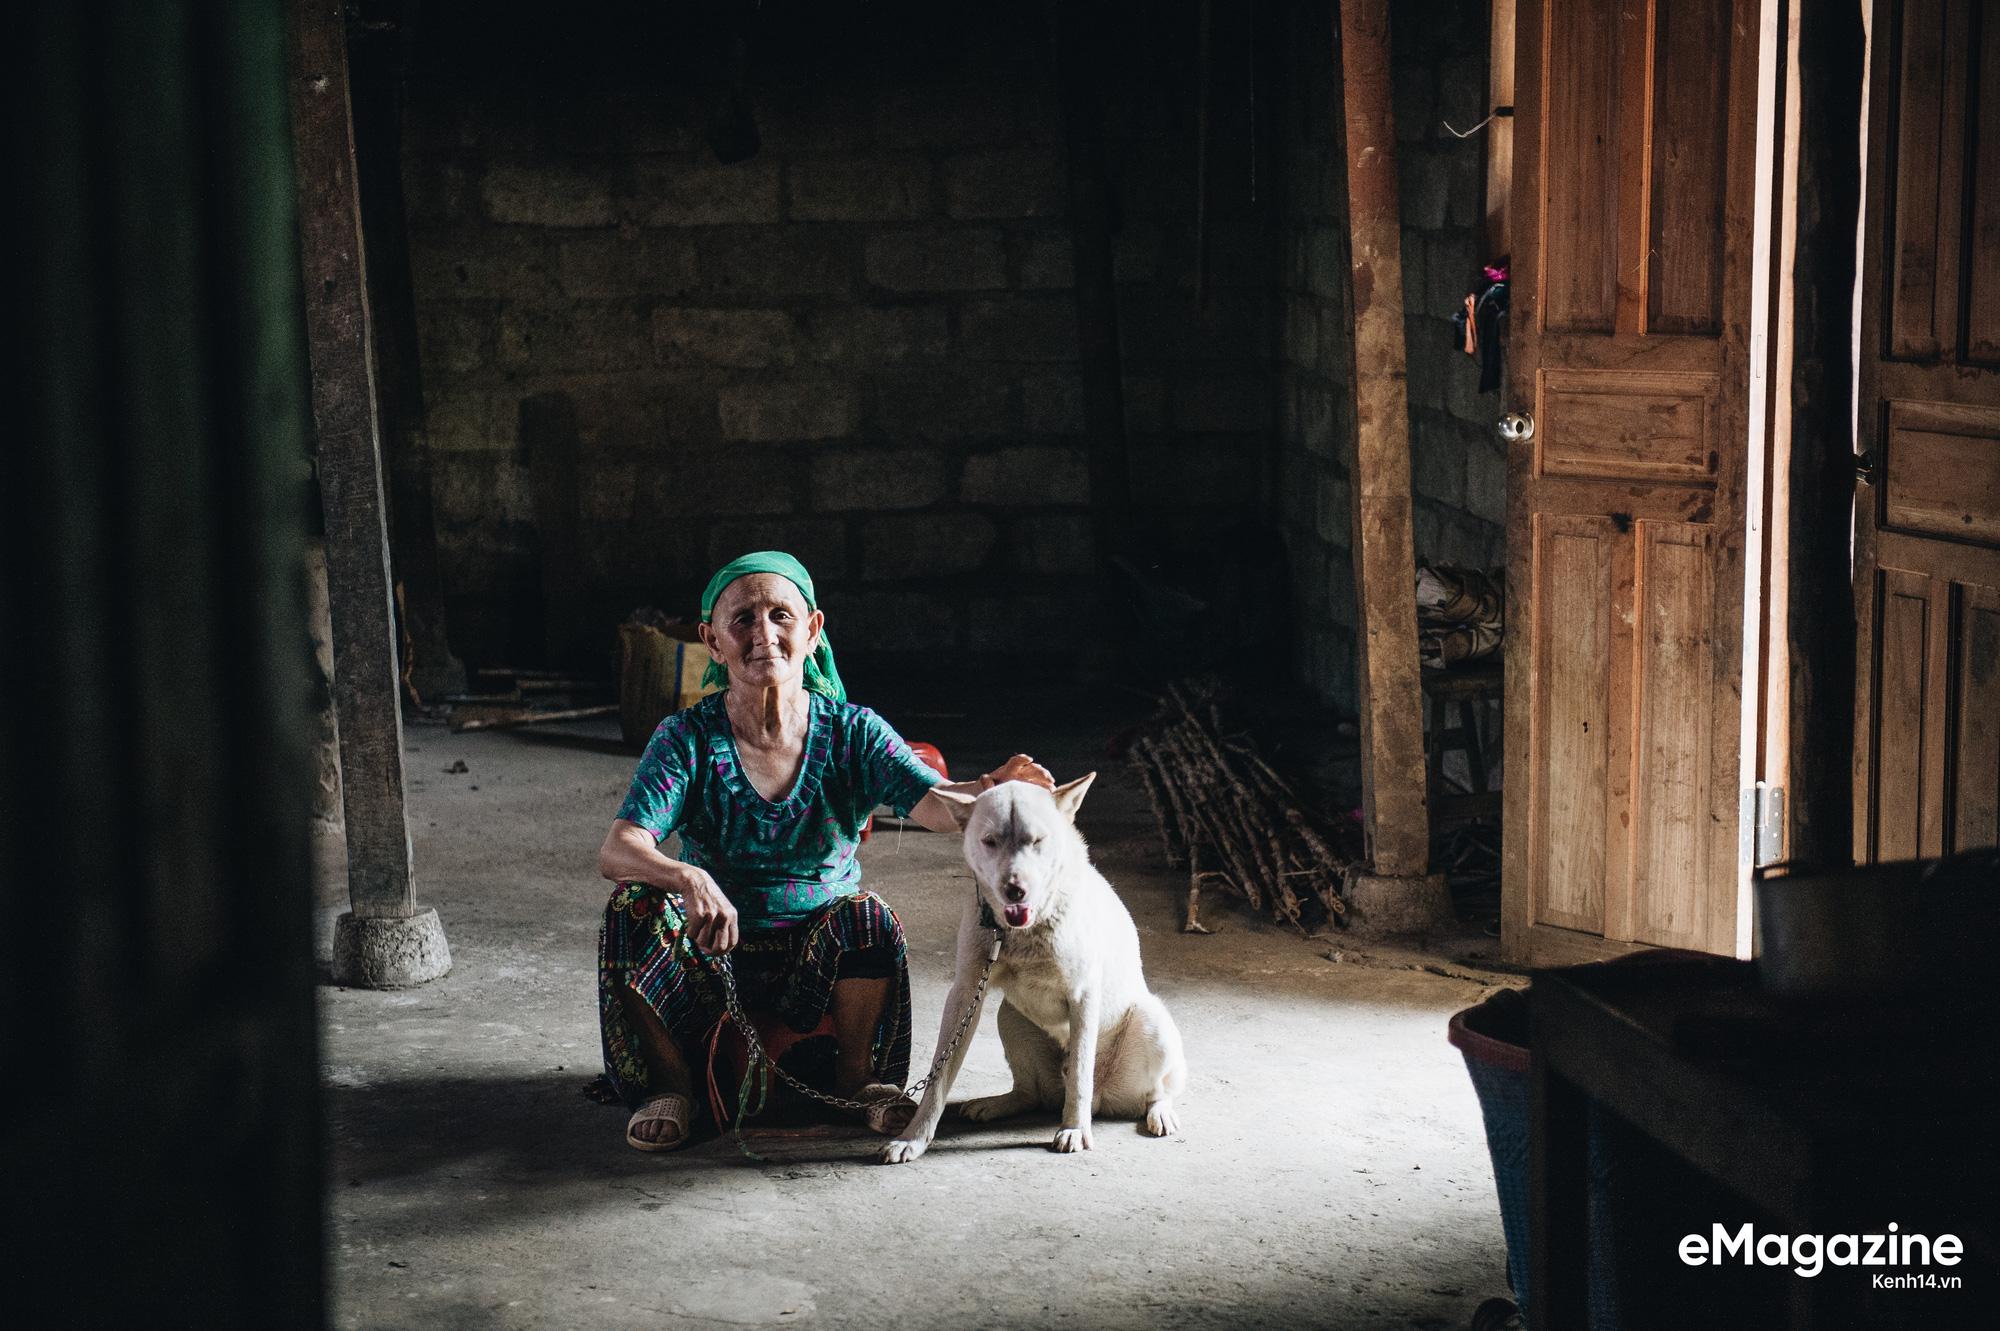 Cuộc đoàn tụ của cụ bà và con chó Cưng ở Hà Giang: Chó về rồi, bà không khóc nữa - Ảnh 2.